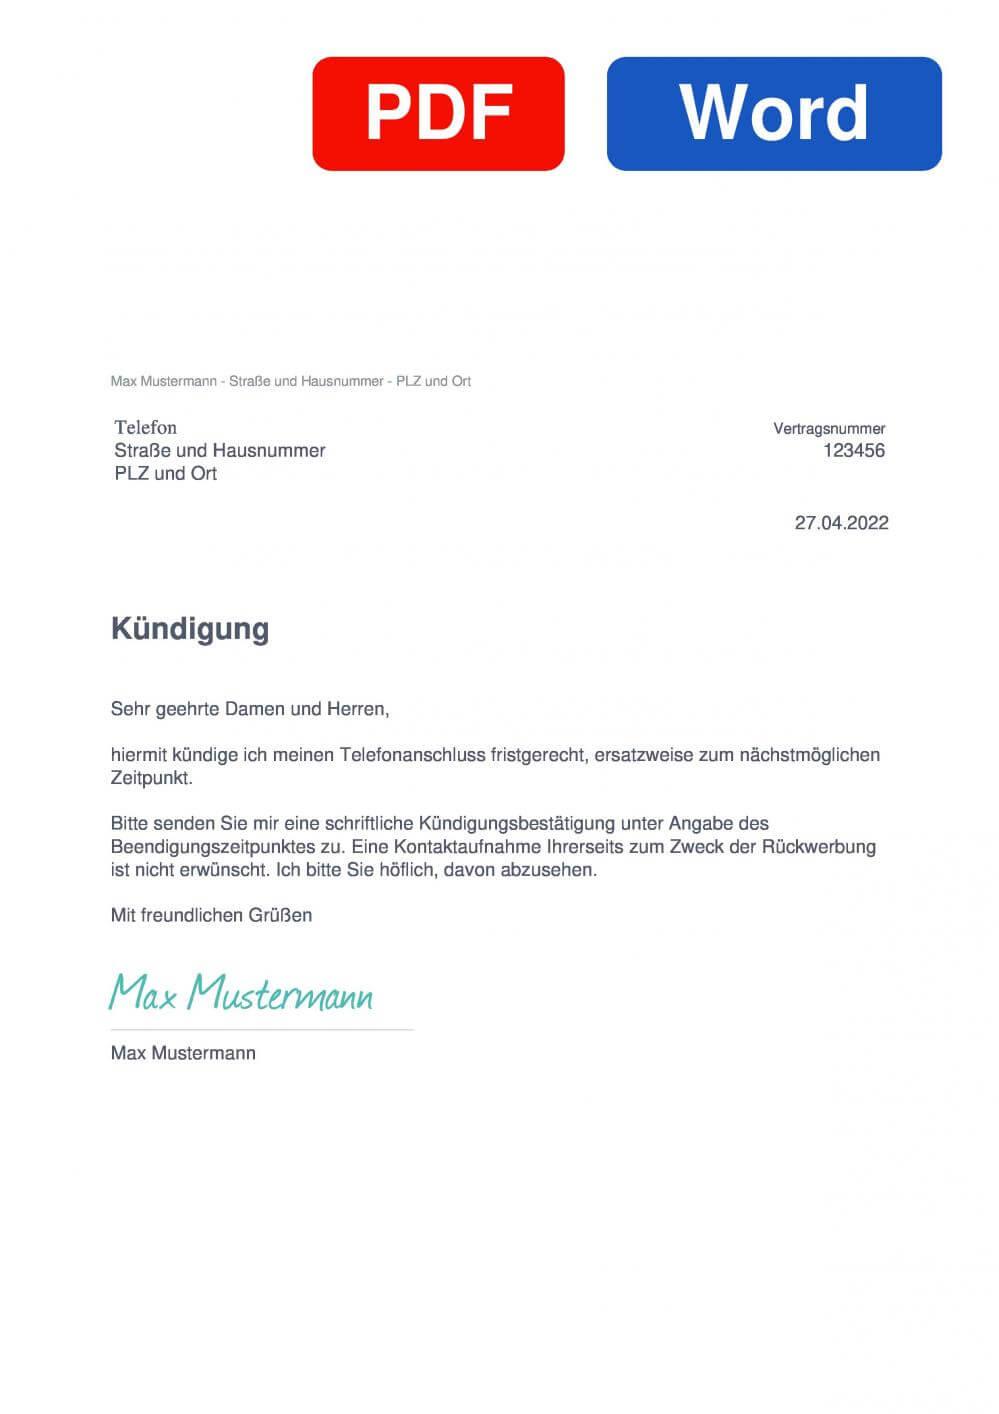 Telefon Muster Vorlage für Kündigungsschreiben